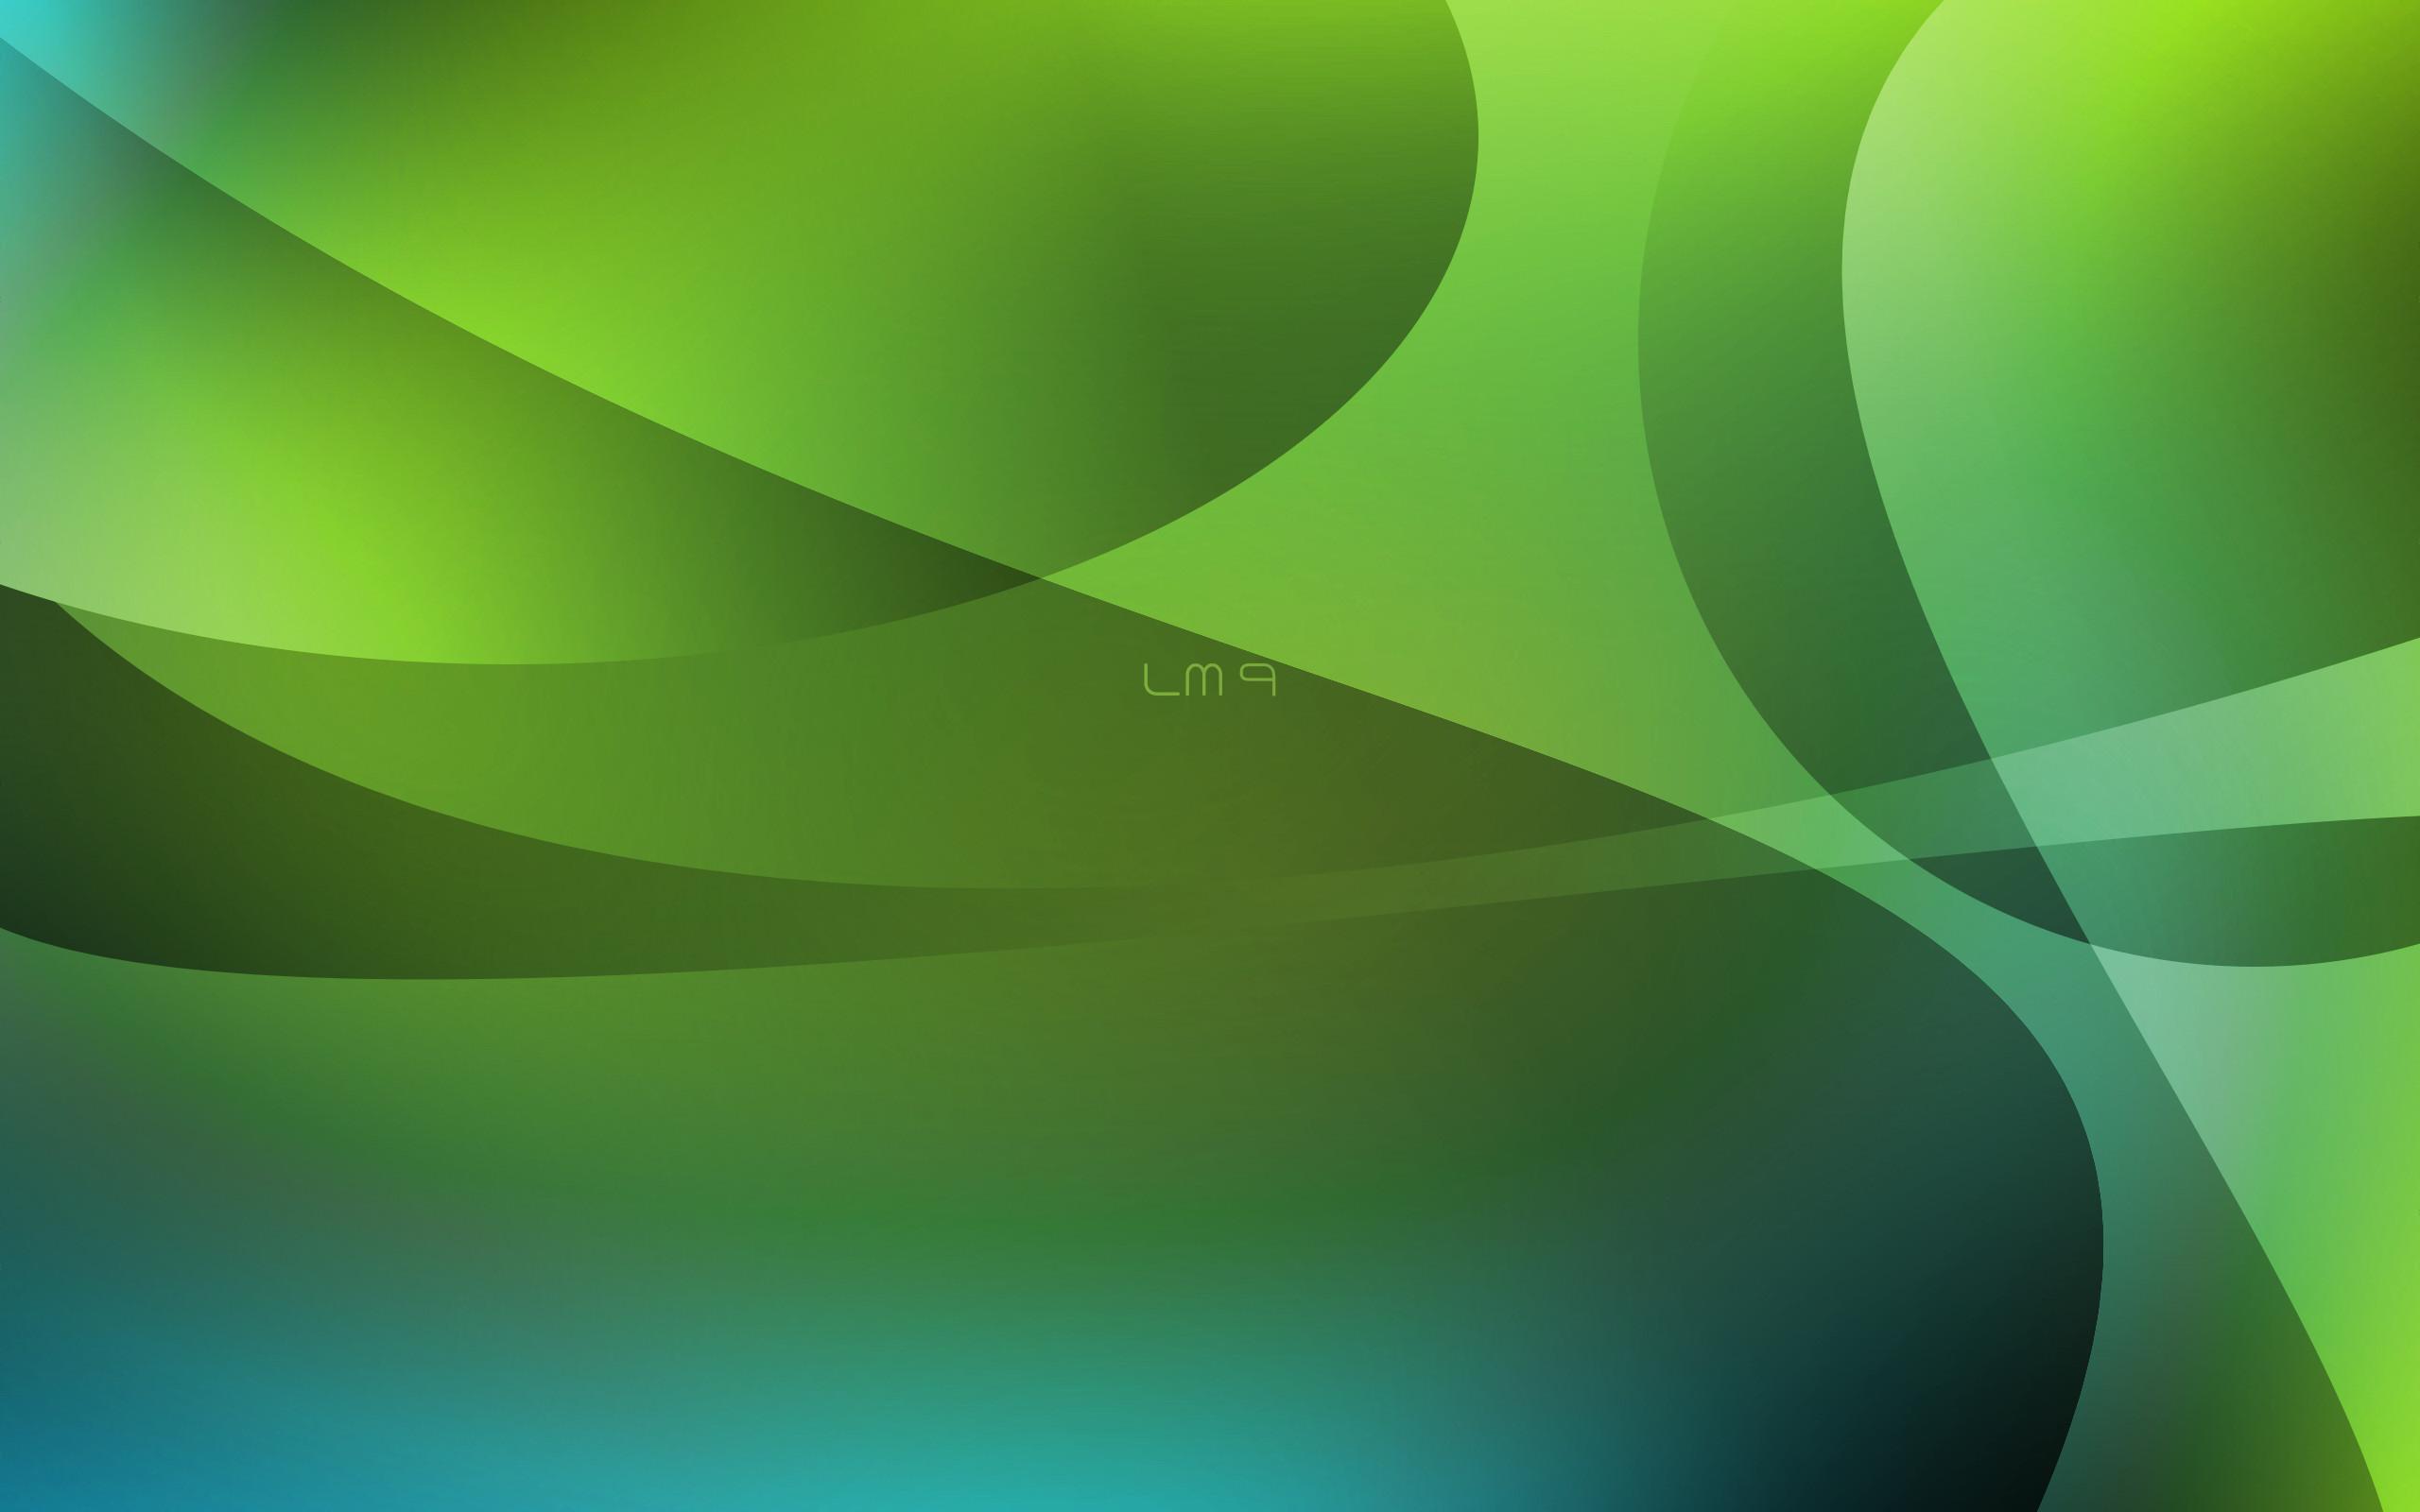 Linux Mint 9: Desktop backgrounds